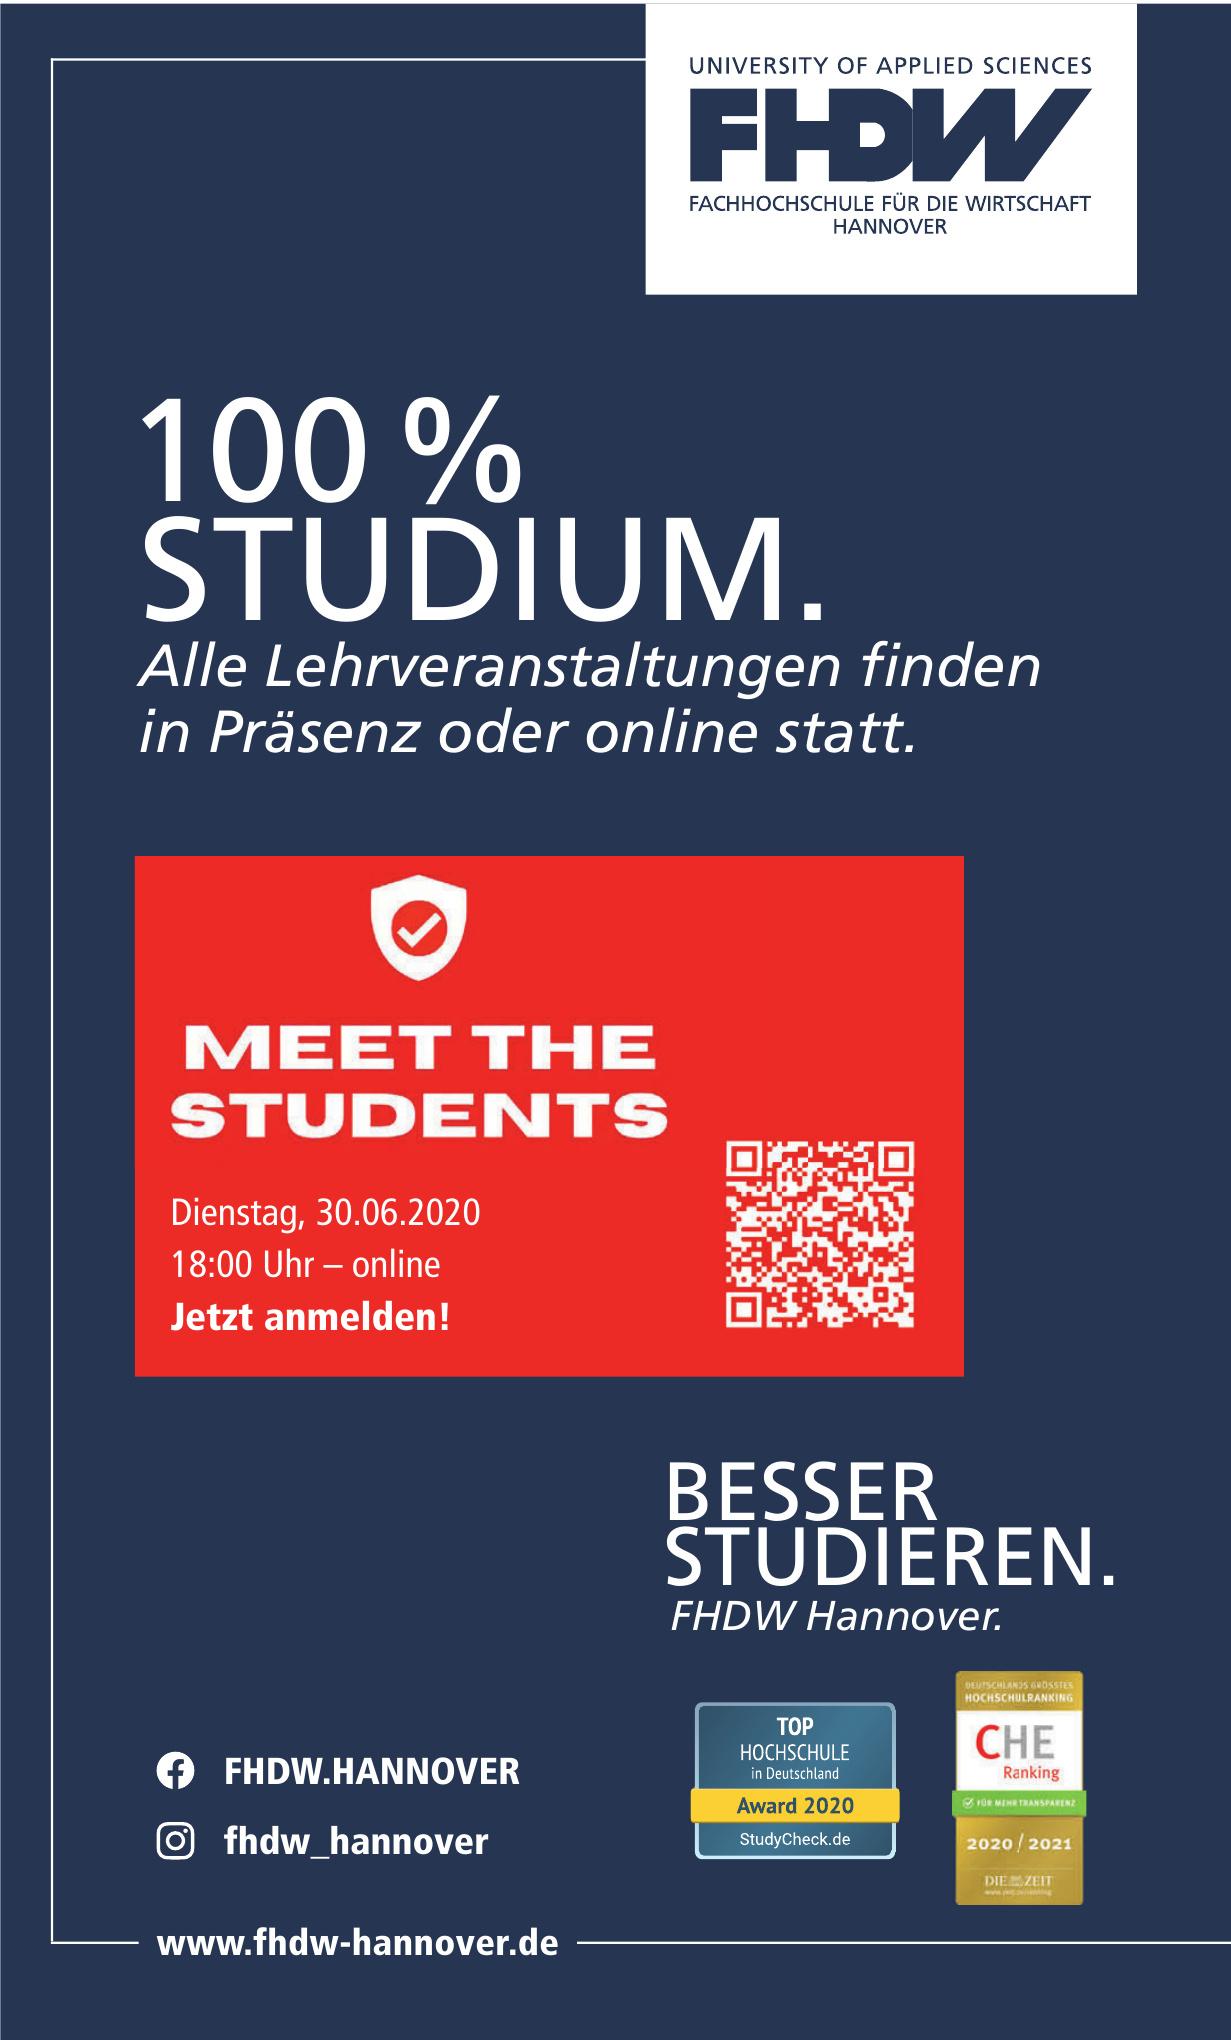 FHDW Fachhochschule für die Wirtschaft Hannover - University of Applied Sciences